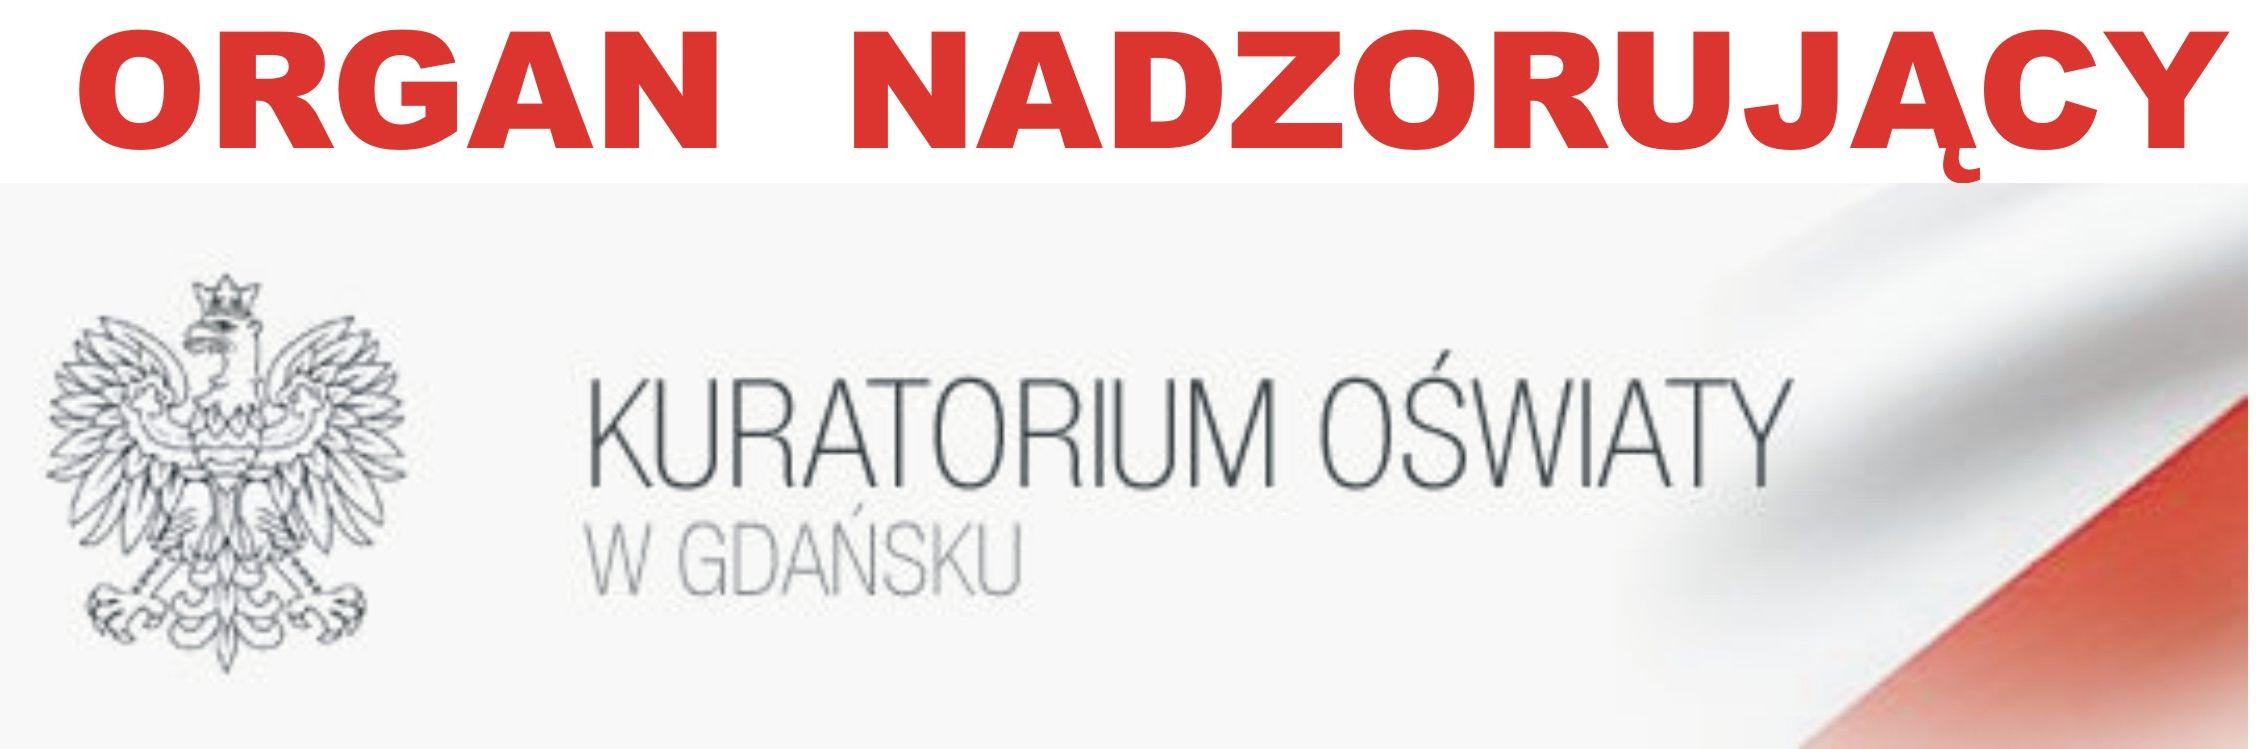 http://www.kuratorium.gda.pl/